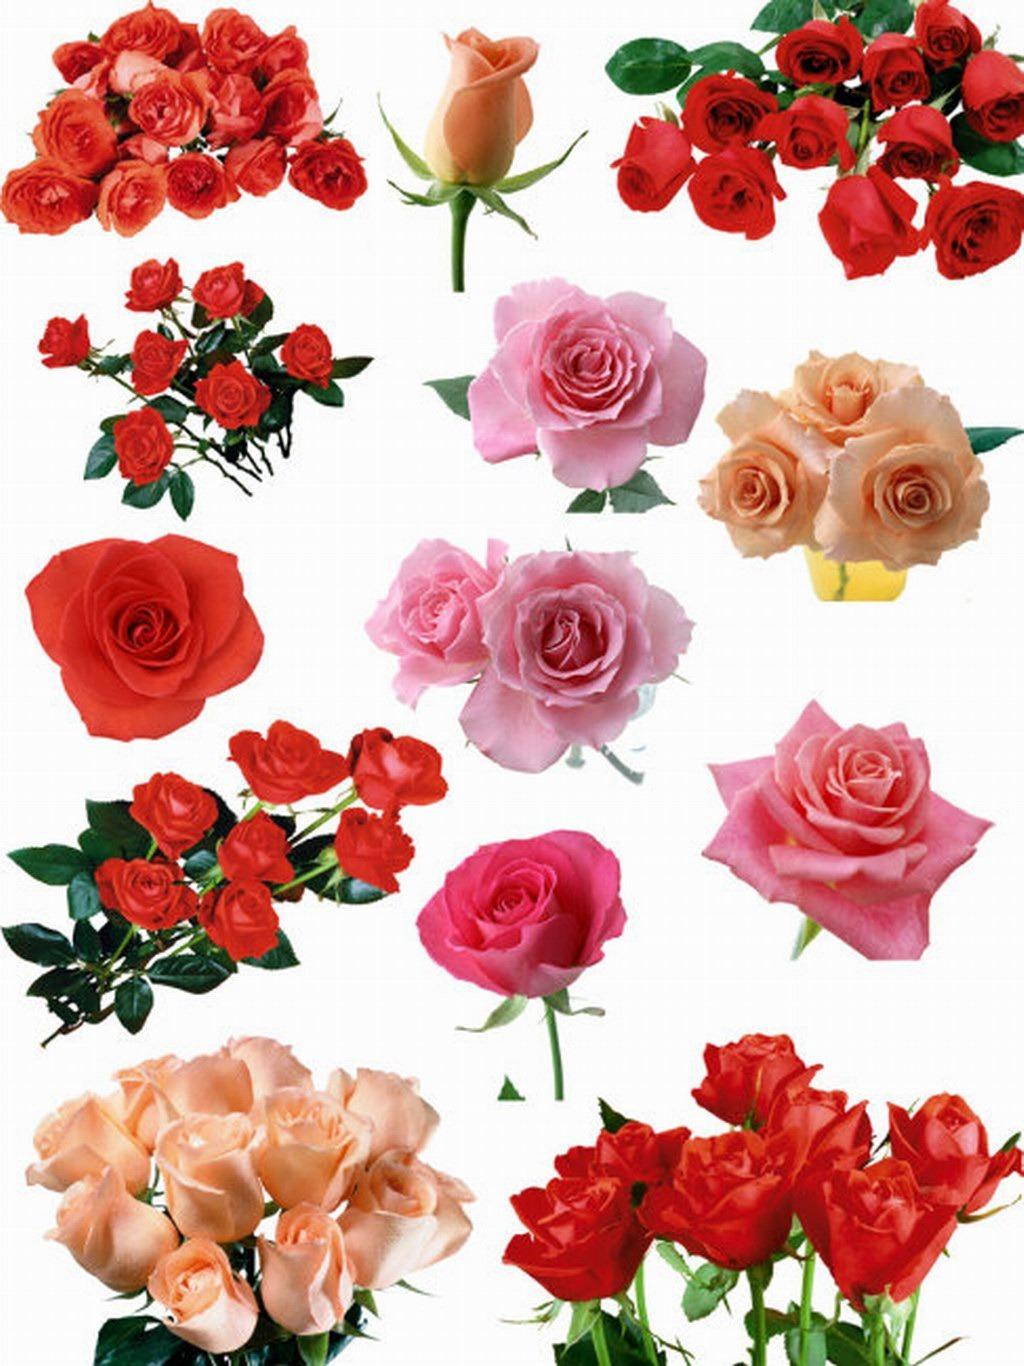 各种玫瑰花设计素材psd模板